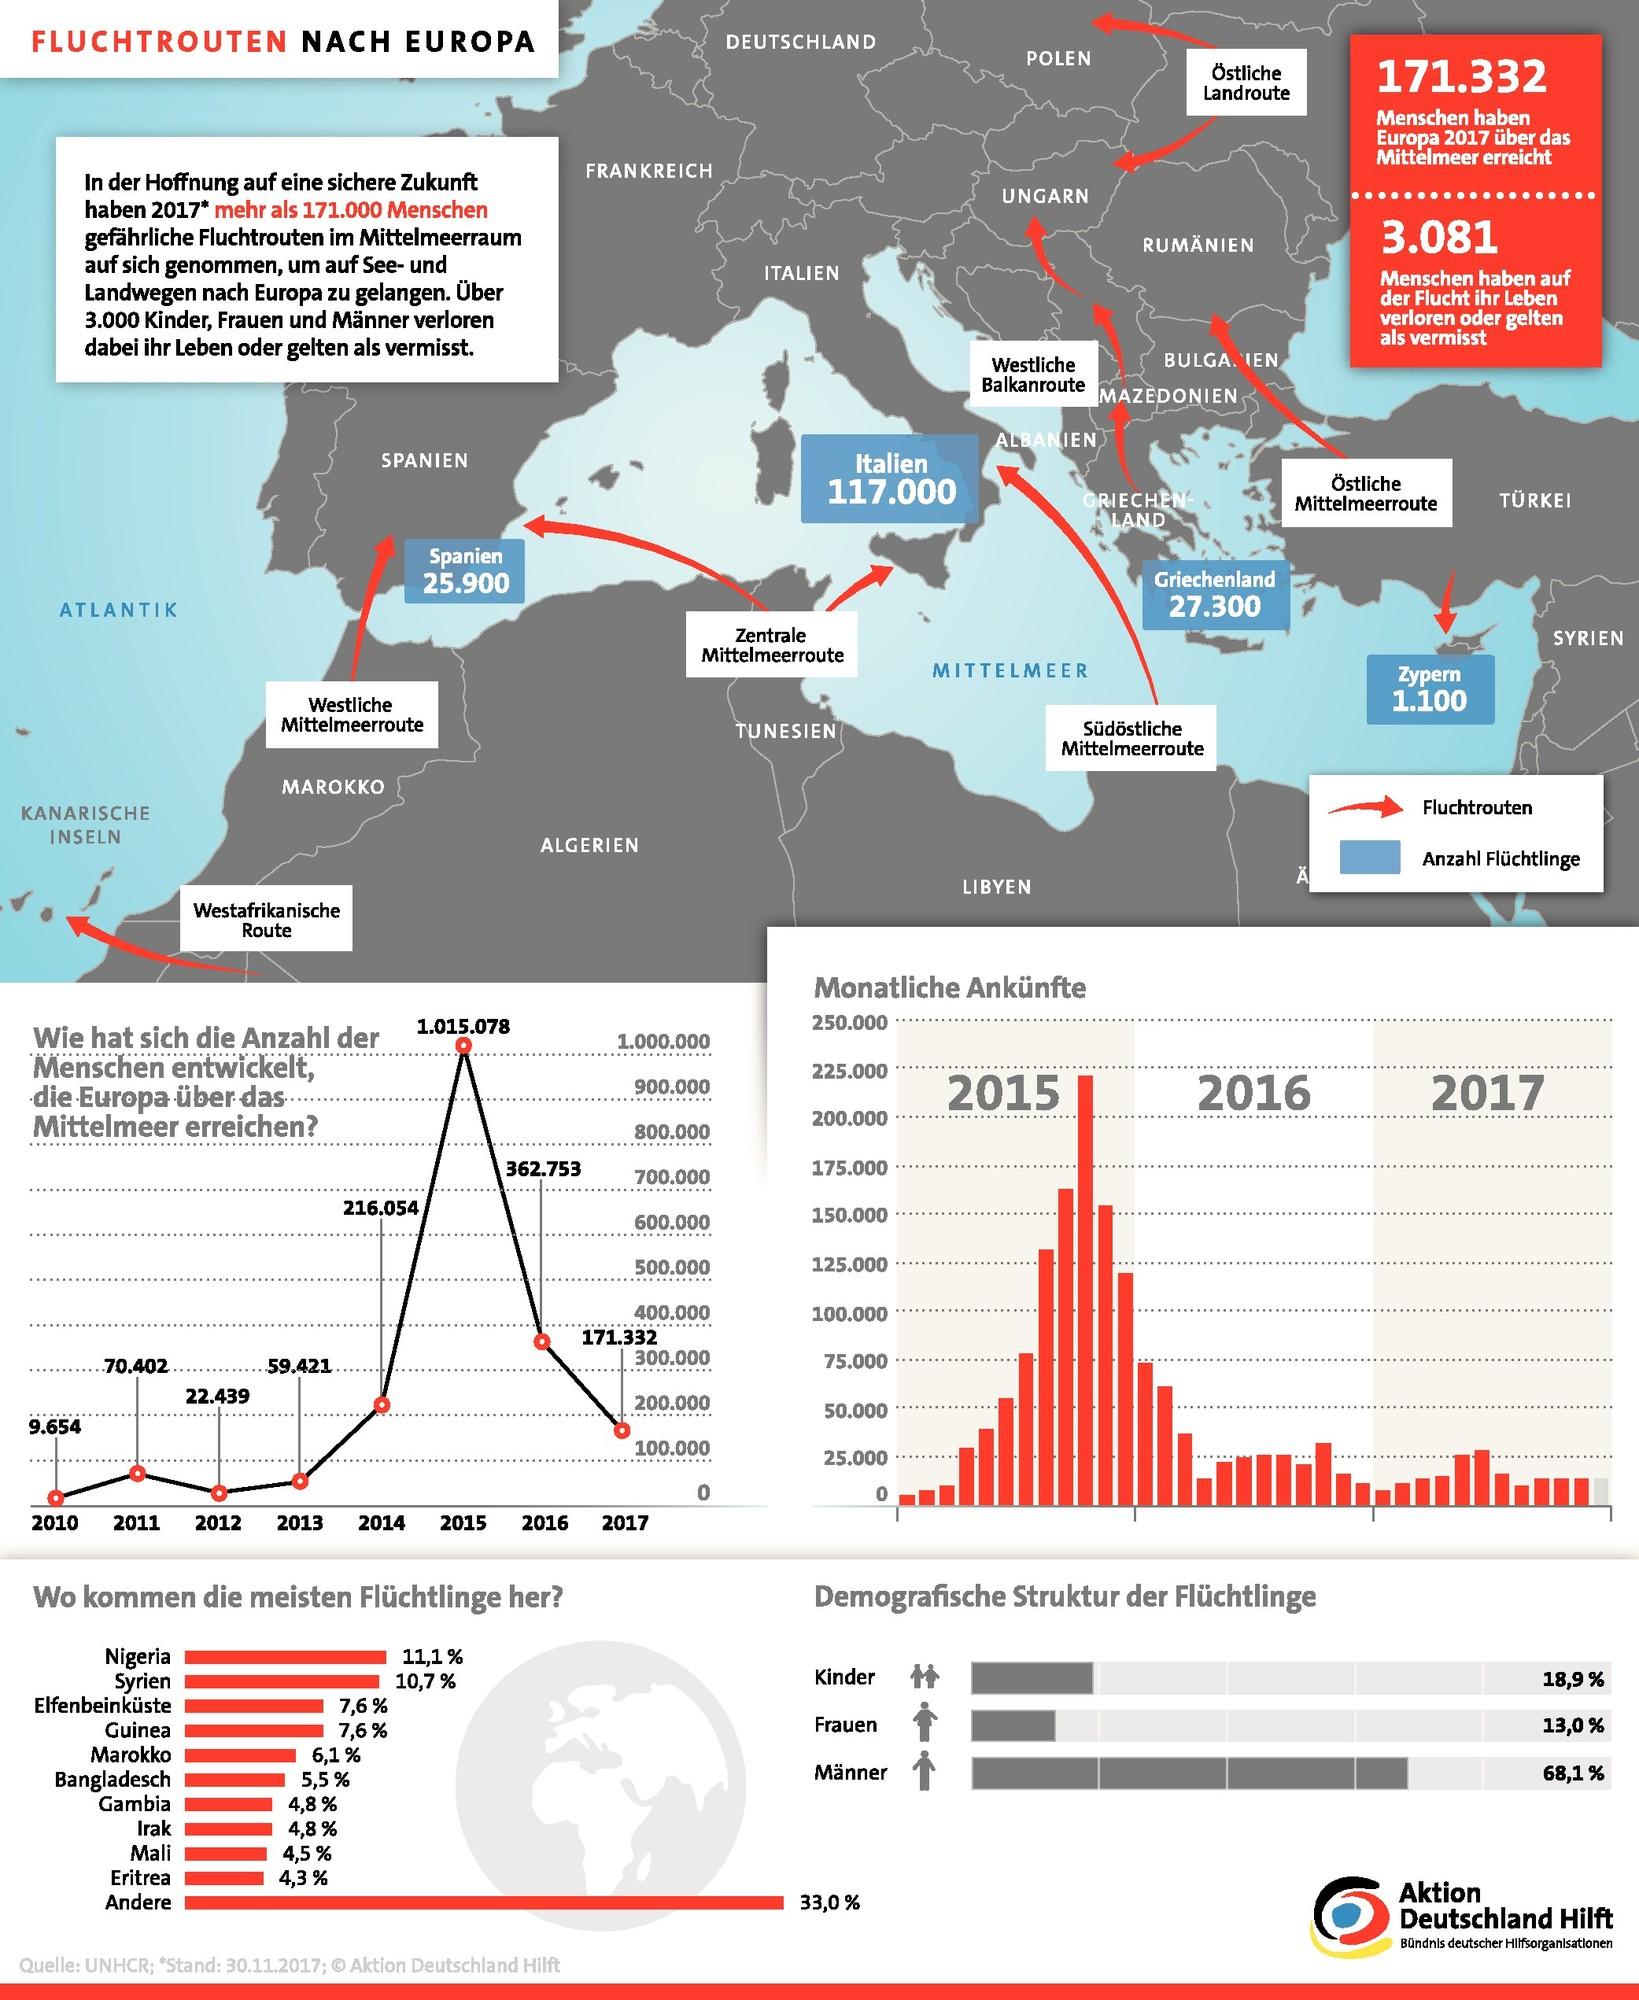 Etwas Neues genug Infografik: Fluchtrouten nach Europa. Aktion Deutschland Hilft &RU_26